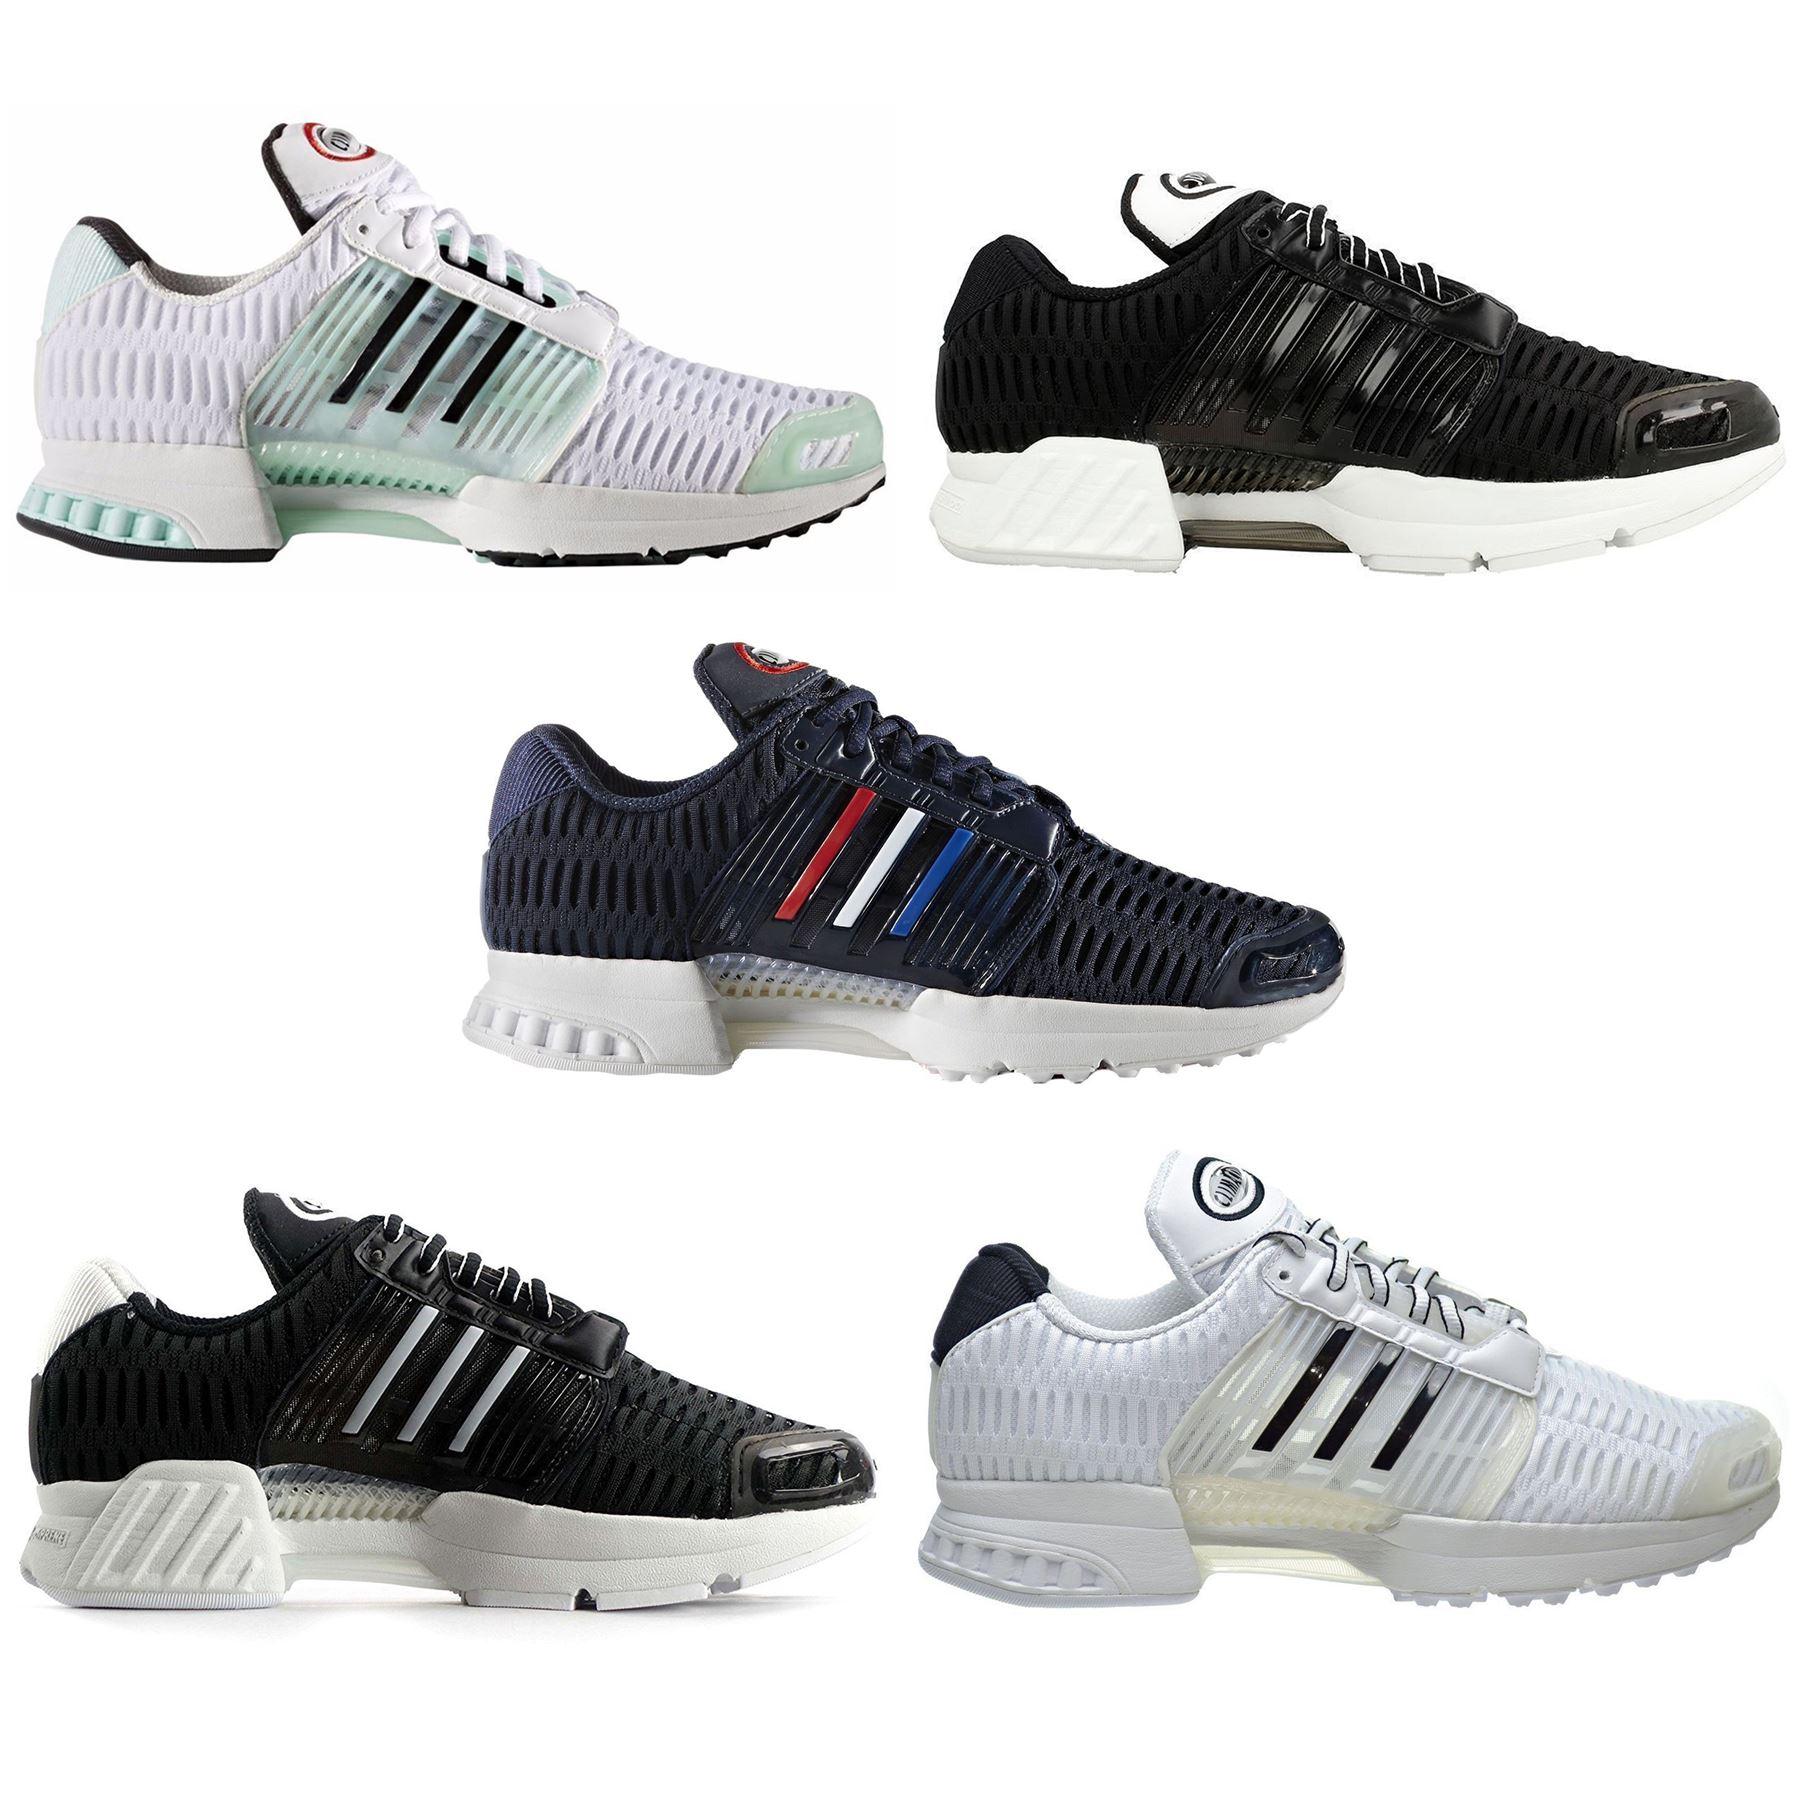 online retailer 3db1f 2b600 Adidas originales CLIMACOOL zapatillas hombres  S jóvenes zapatos zapatillas  de las mujeres